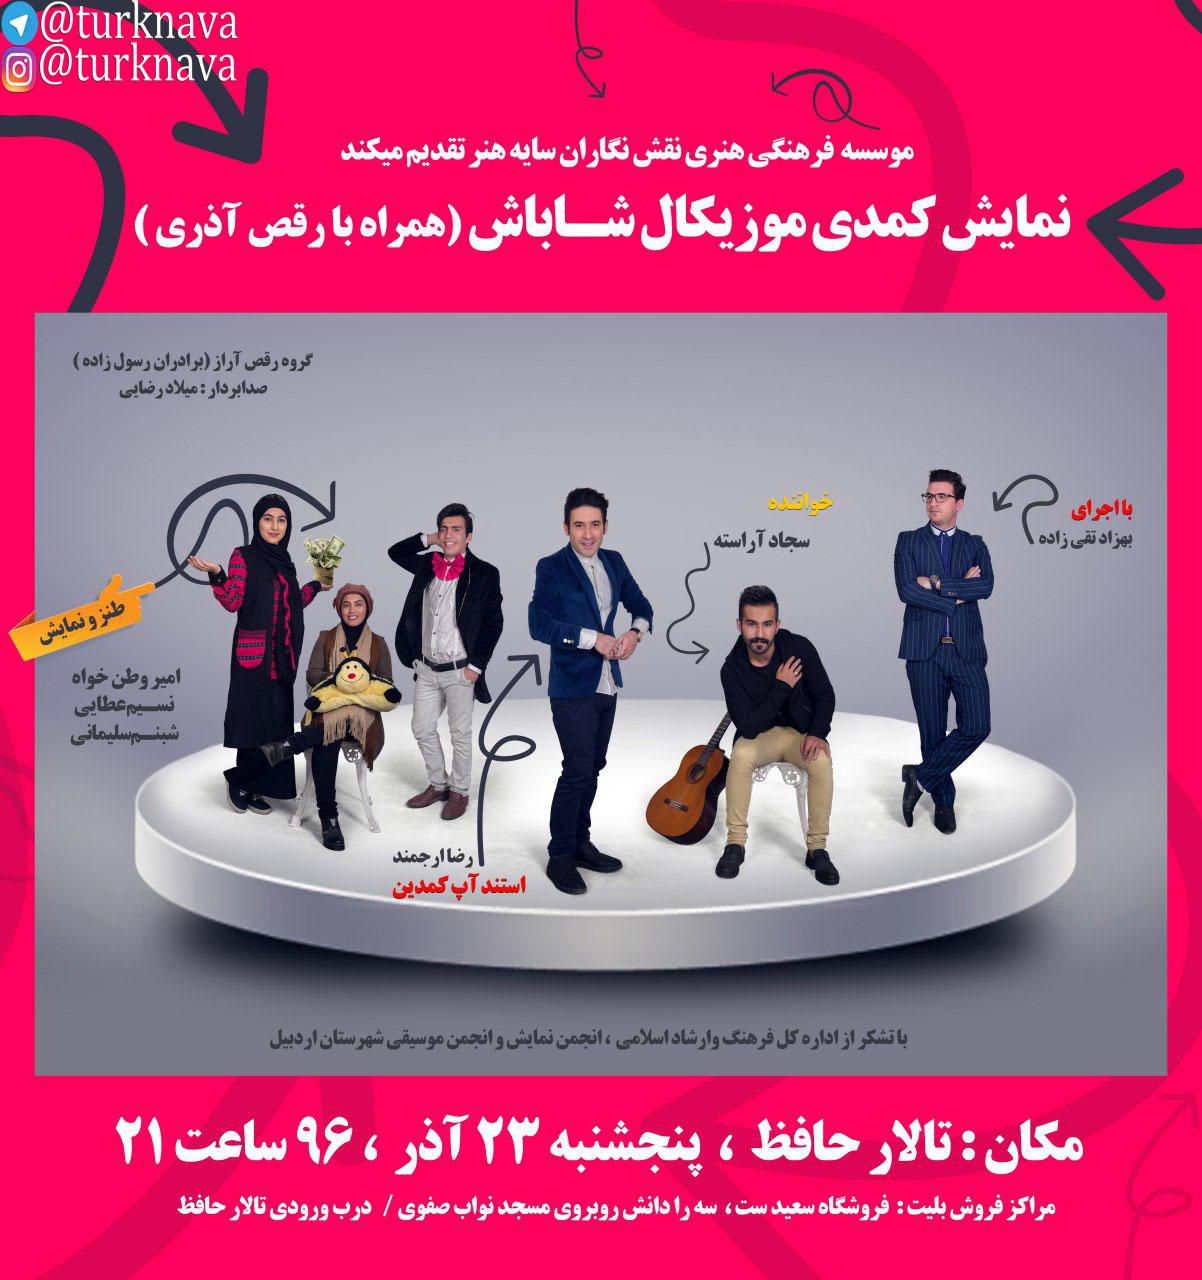 نمایش کمدی موزیکال شاباش (همراه با رقص آذری)